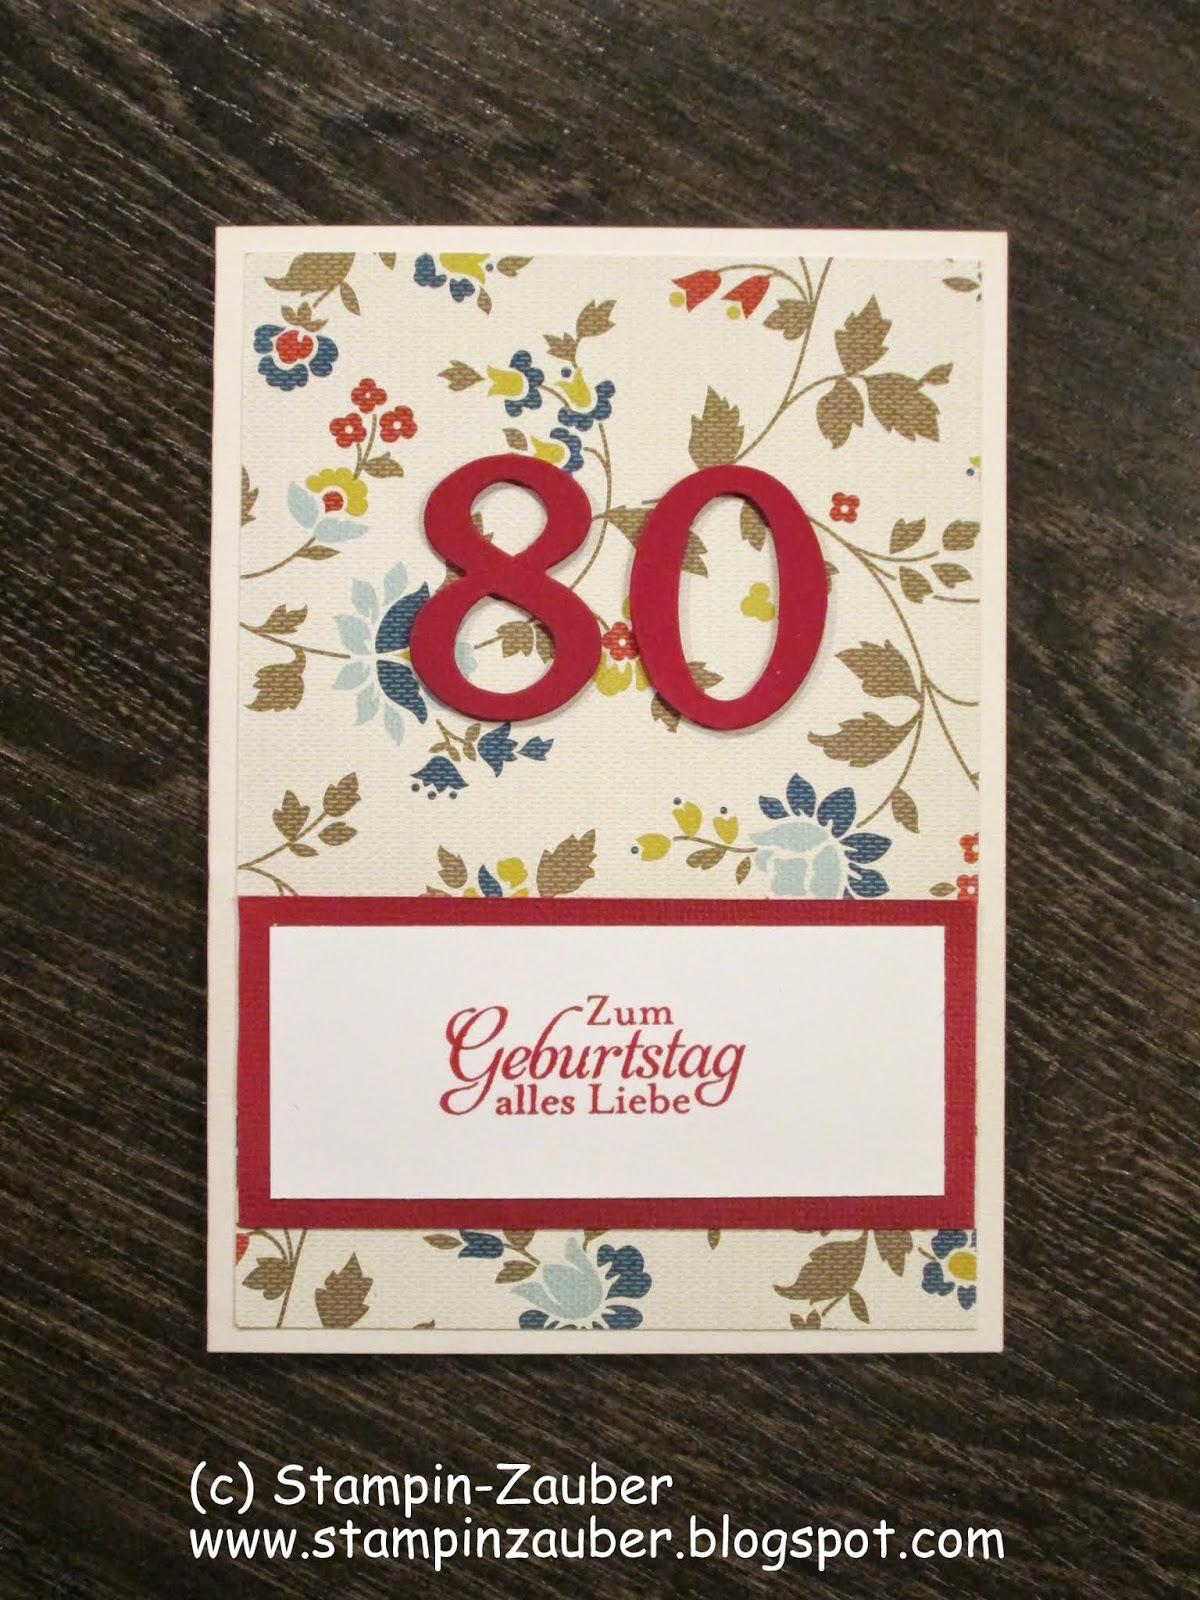 stampin zauber eine weitere karte zum 80 geburtstag. Black Bedroom Furniture Sets. Home Design Ideas